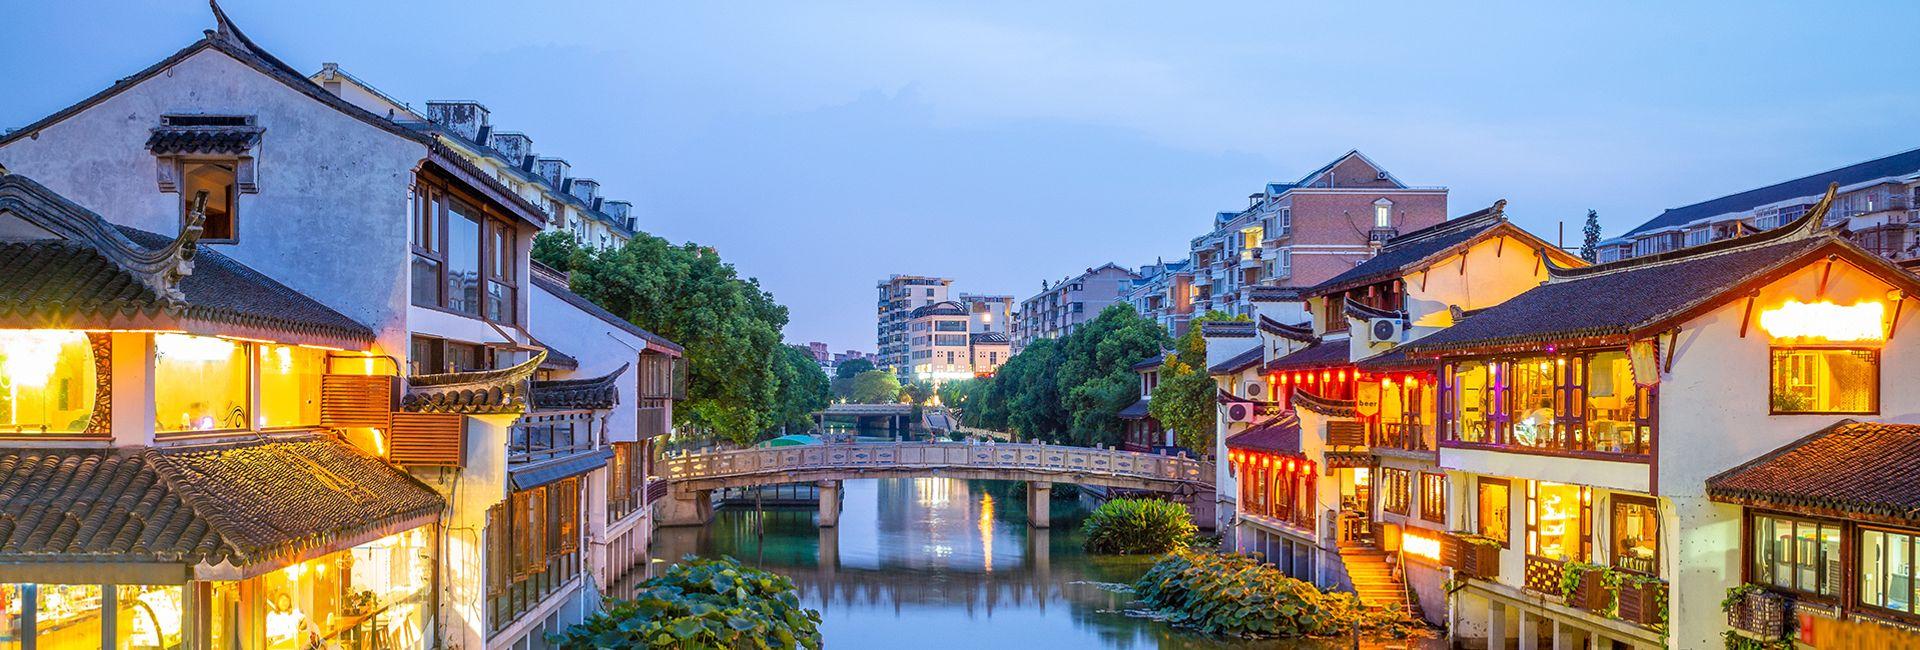 Ở đâu khi đến Thượng Hải? 8 khu vực gần các điểm tham quan